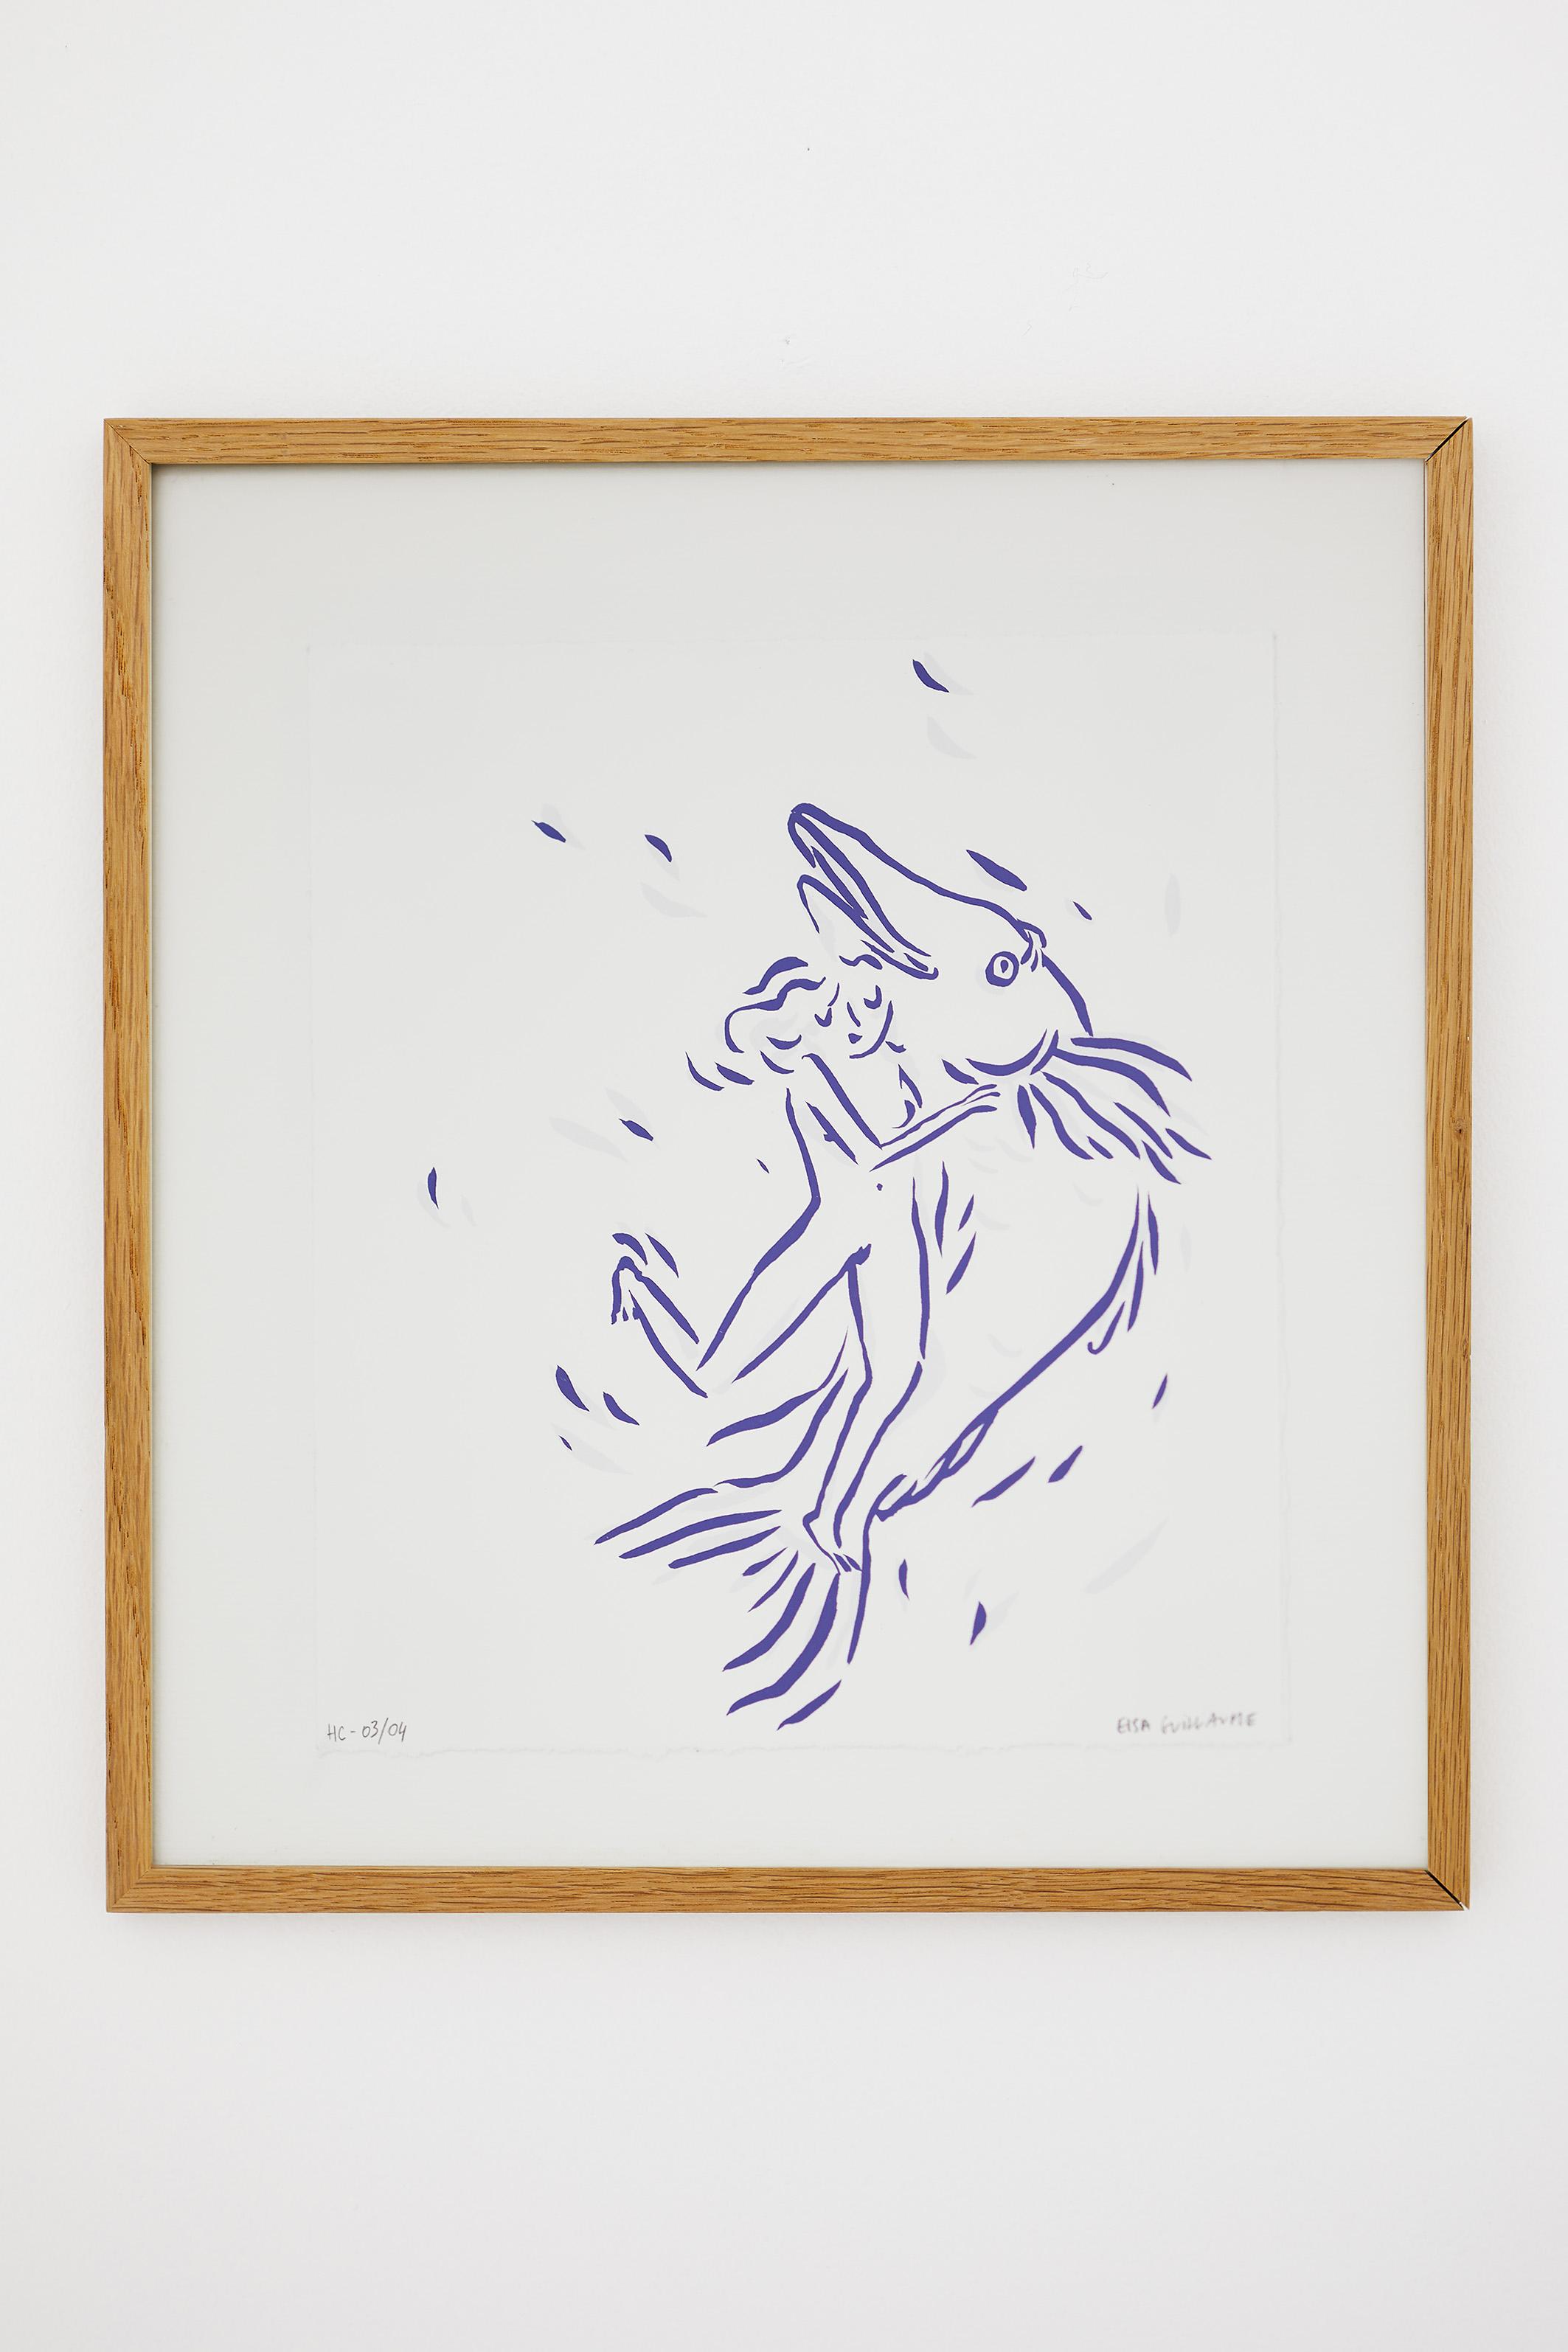 ELSA GUILLAUME, SERIGRAPHIE POLARFRONT, 2019, 28 x 21,5 cm, Sérigraphie deux couleurs signée et numérotée, Edition de 50 exemplaires. Accompagnée du carnet Polarfront – New York.